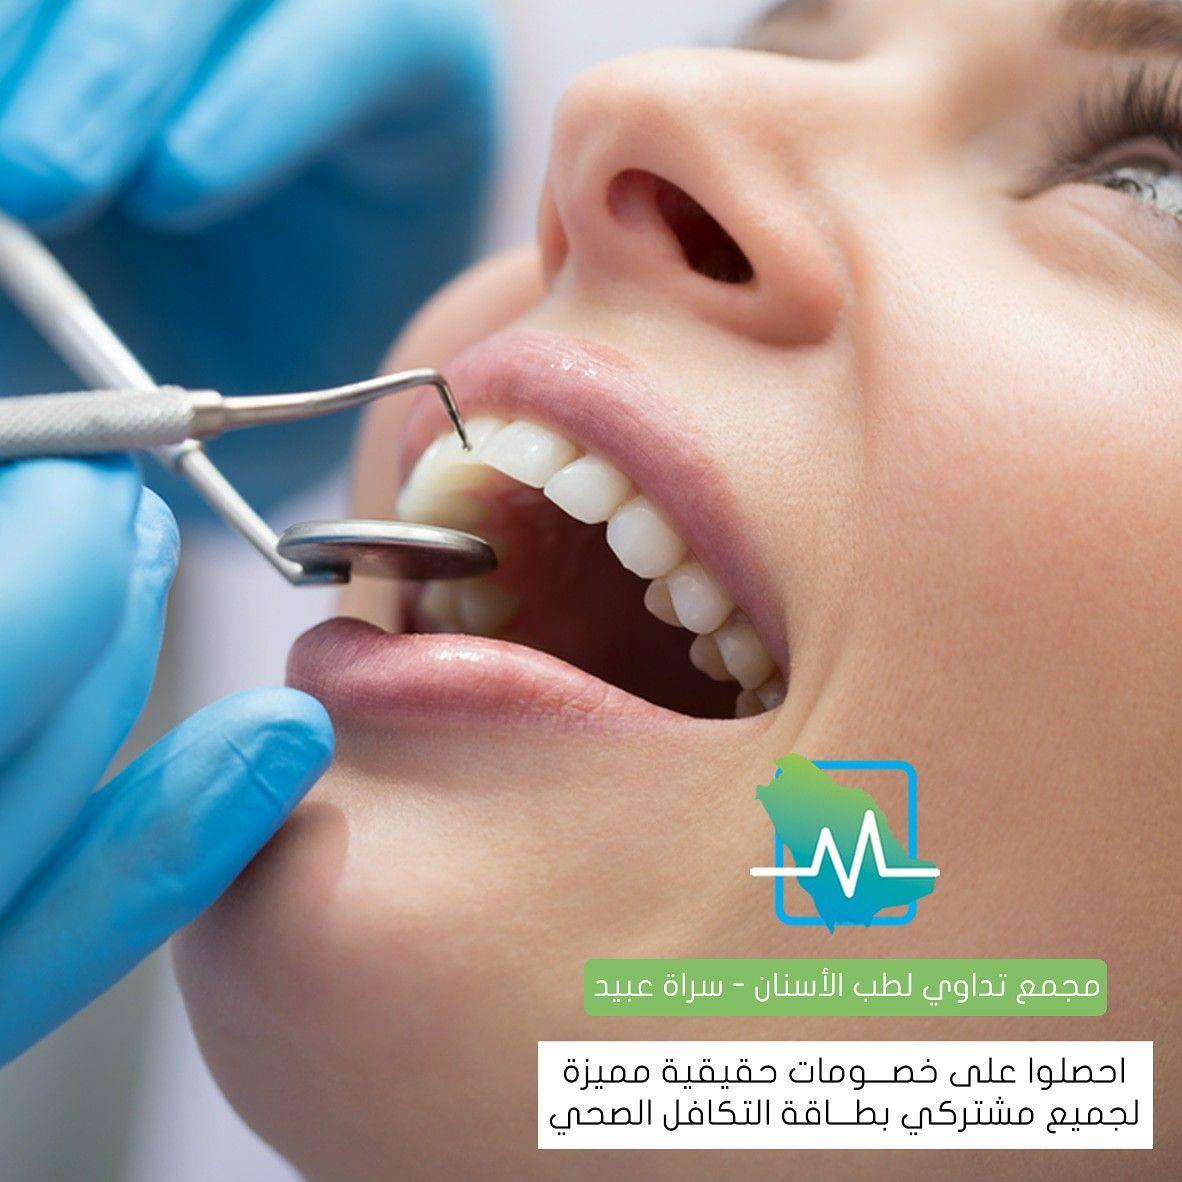 تبي تحصل على أجمل ابتسامة مجمع تداوي لطب الأسنان في سراة عبيد يقدم لكم أفضل الخدمات الطبية على بطاقة التكافل الصحي ت Nostril Hoop Ring Nose Ring Hoop Ring